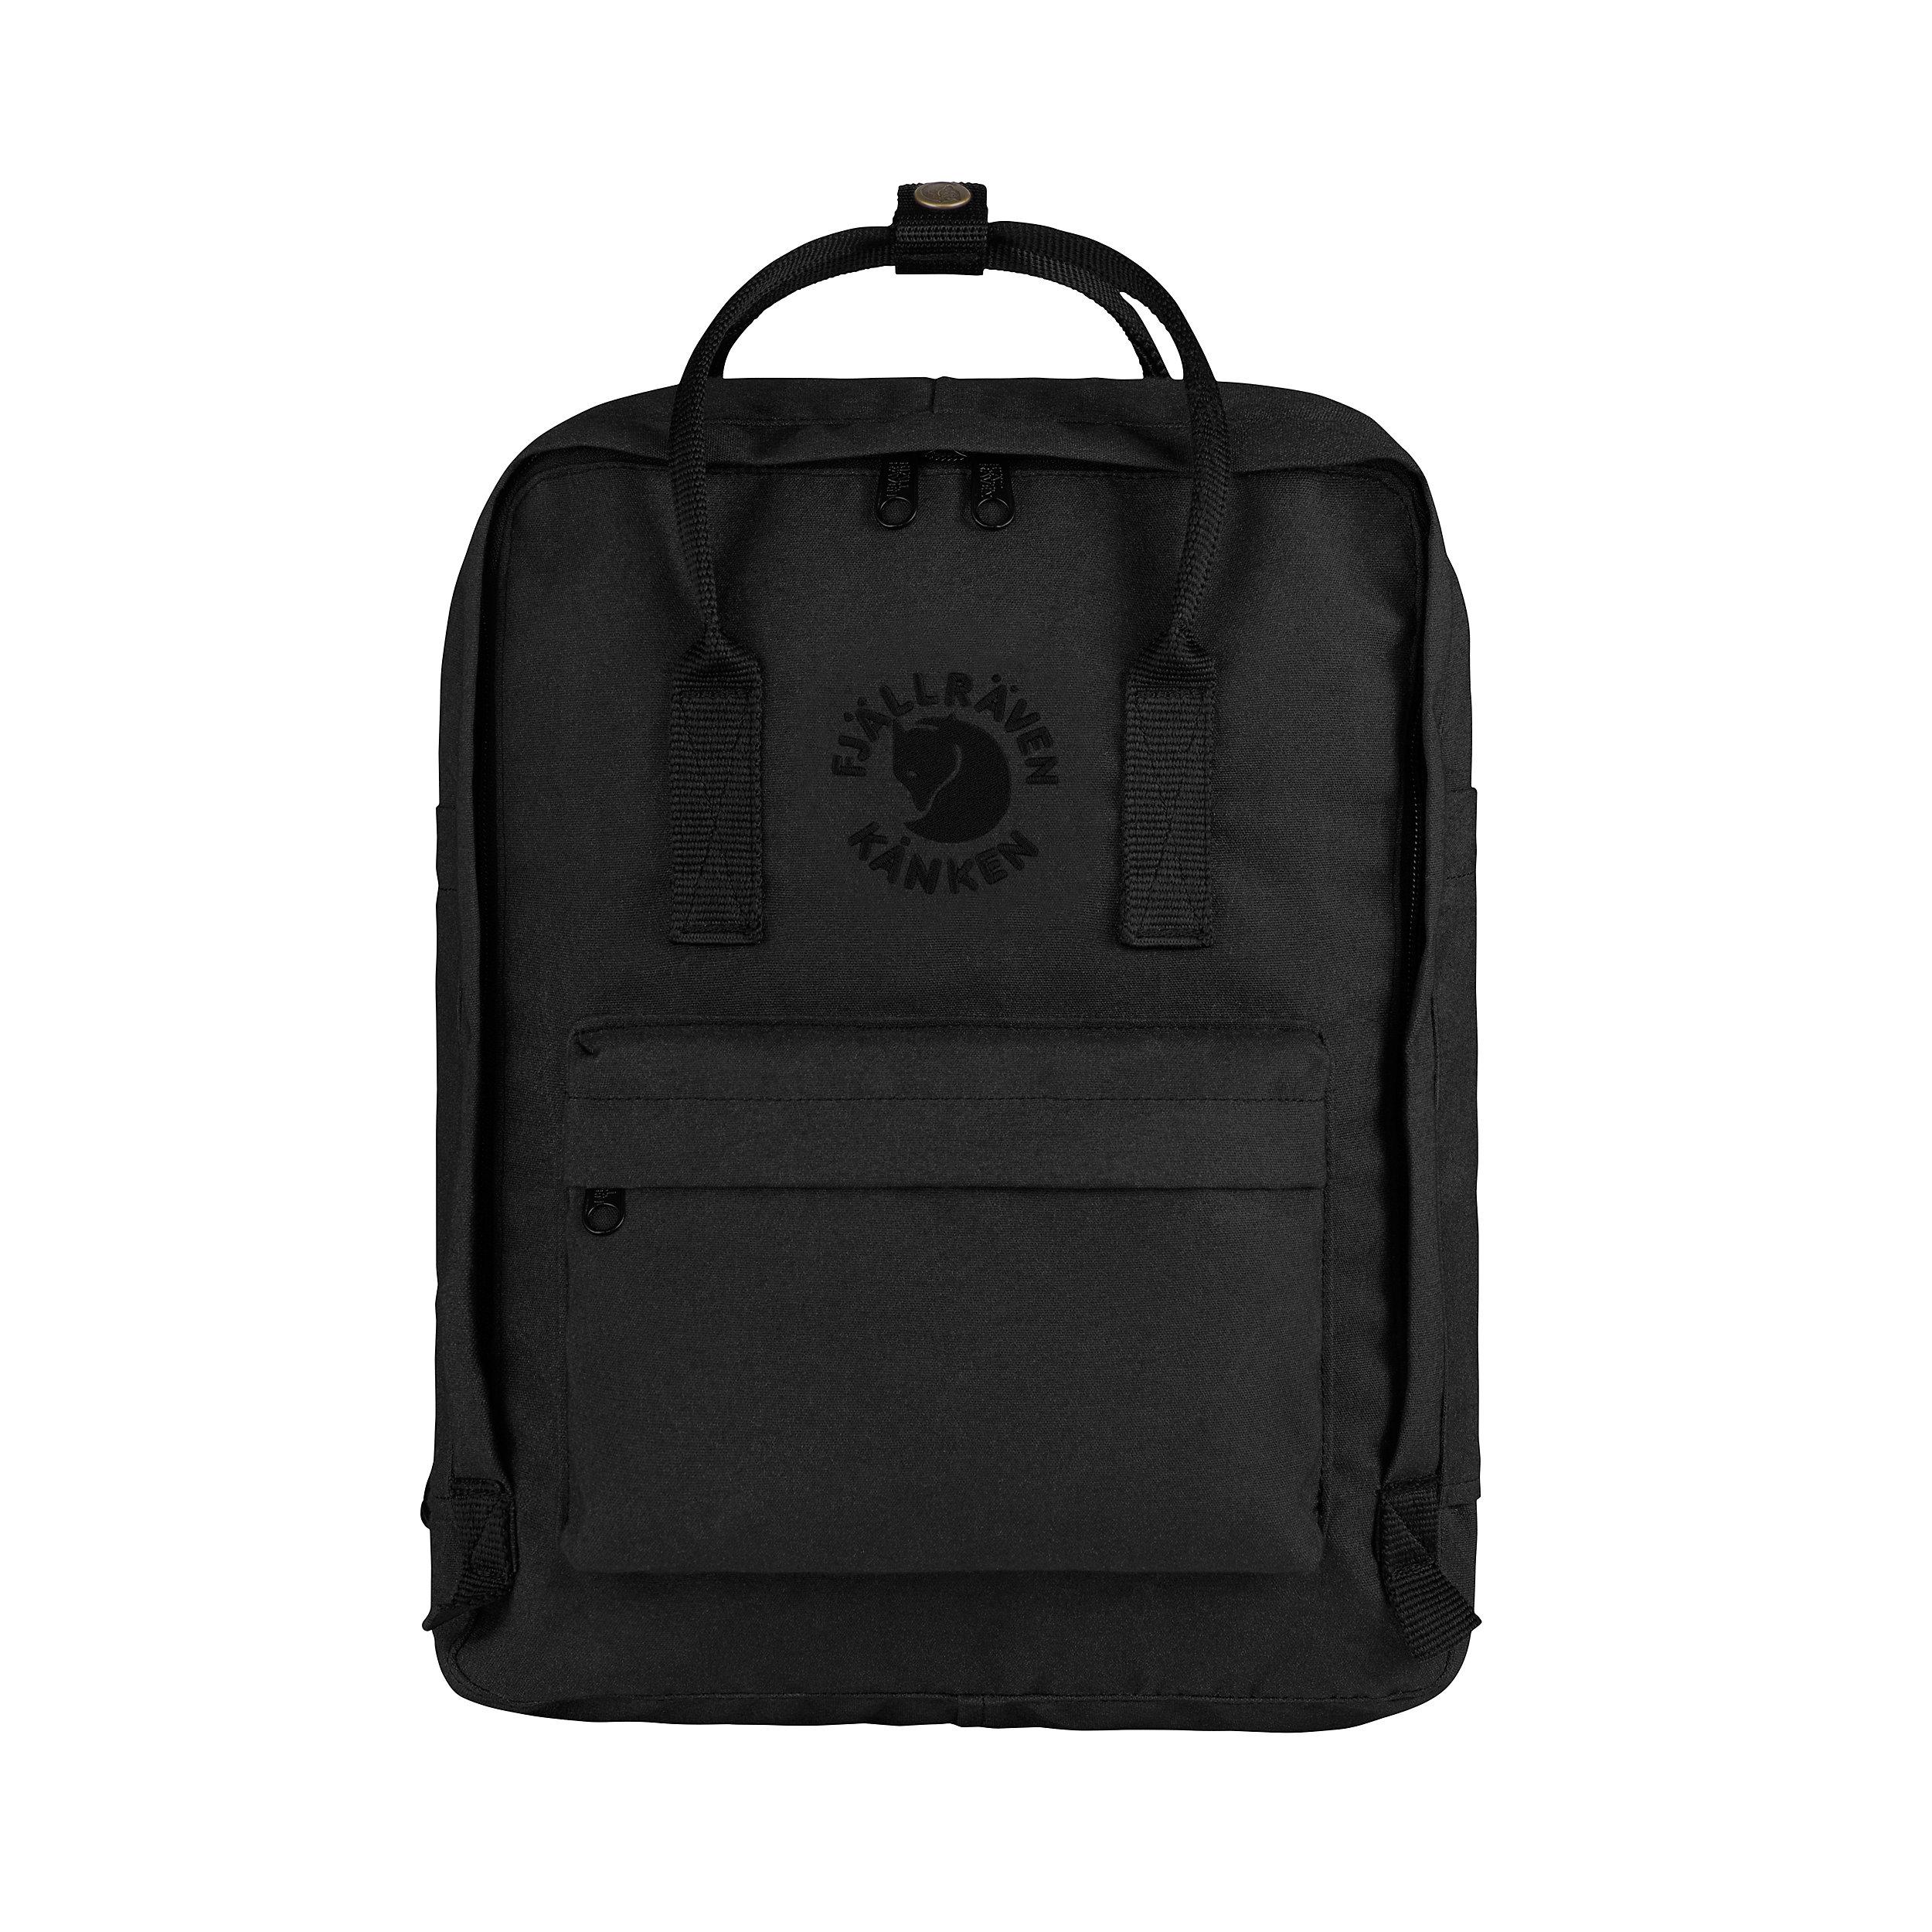 Backpack Re-Kanken Special Edition 16 Liter